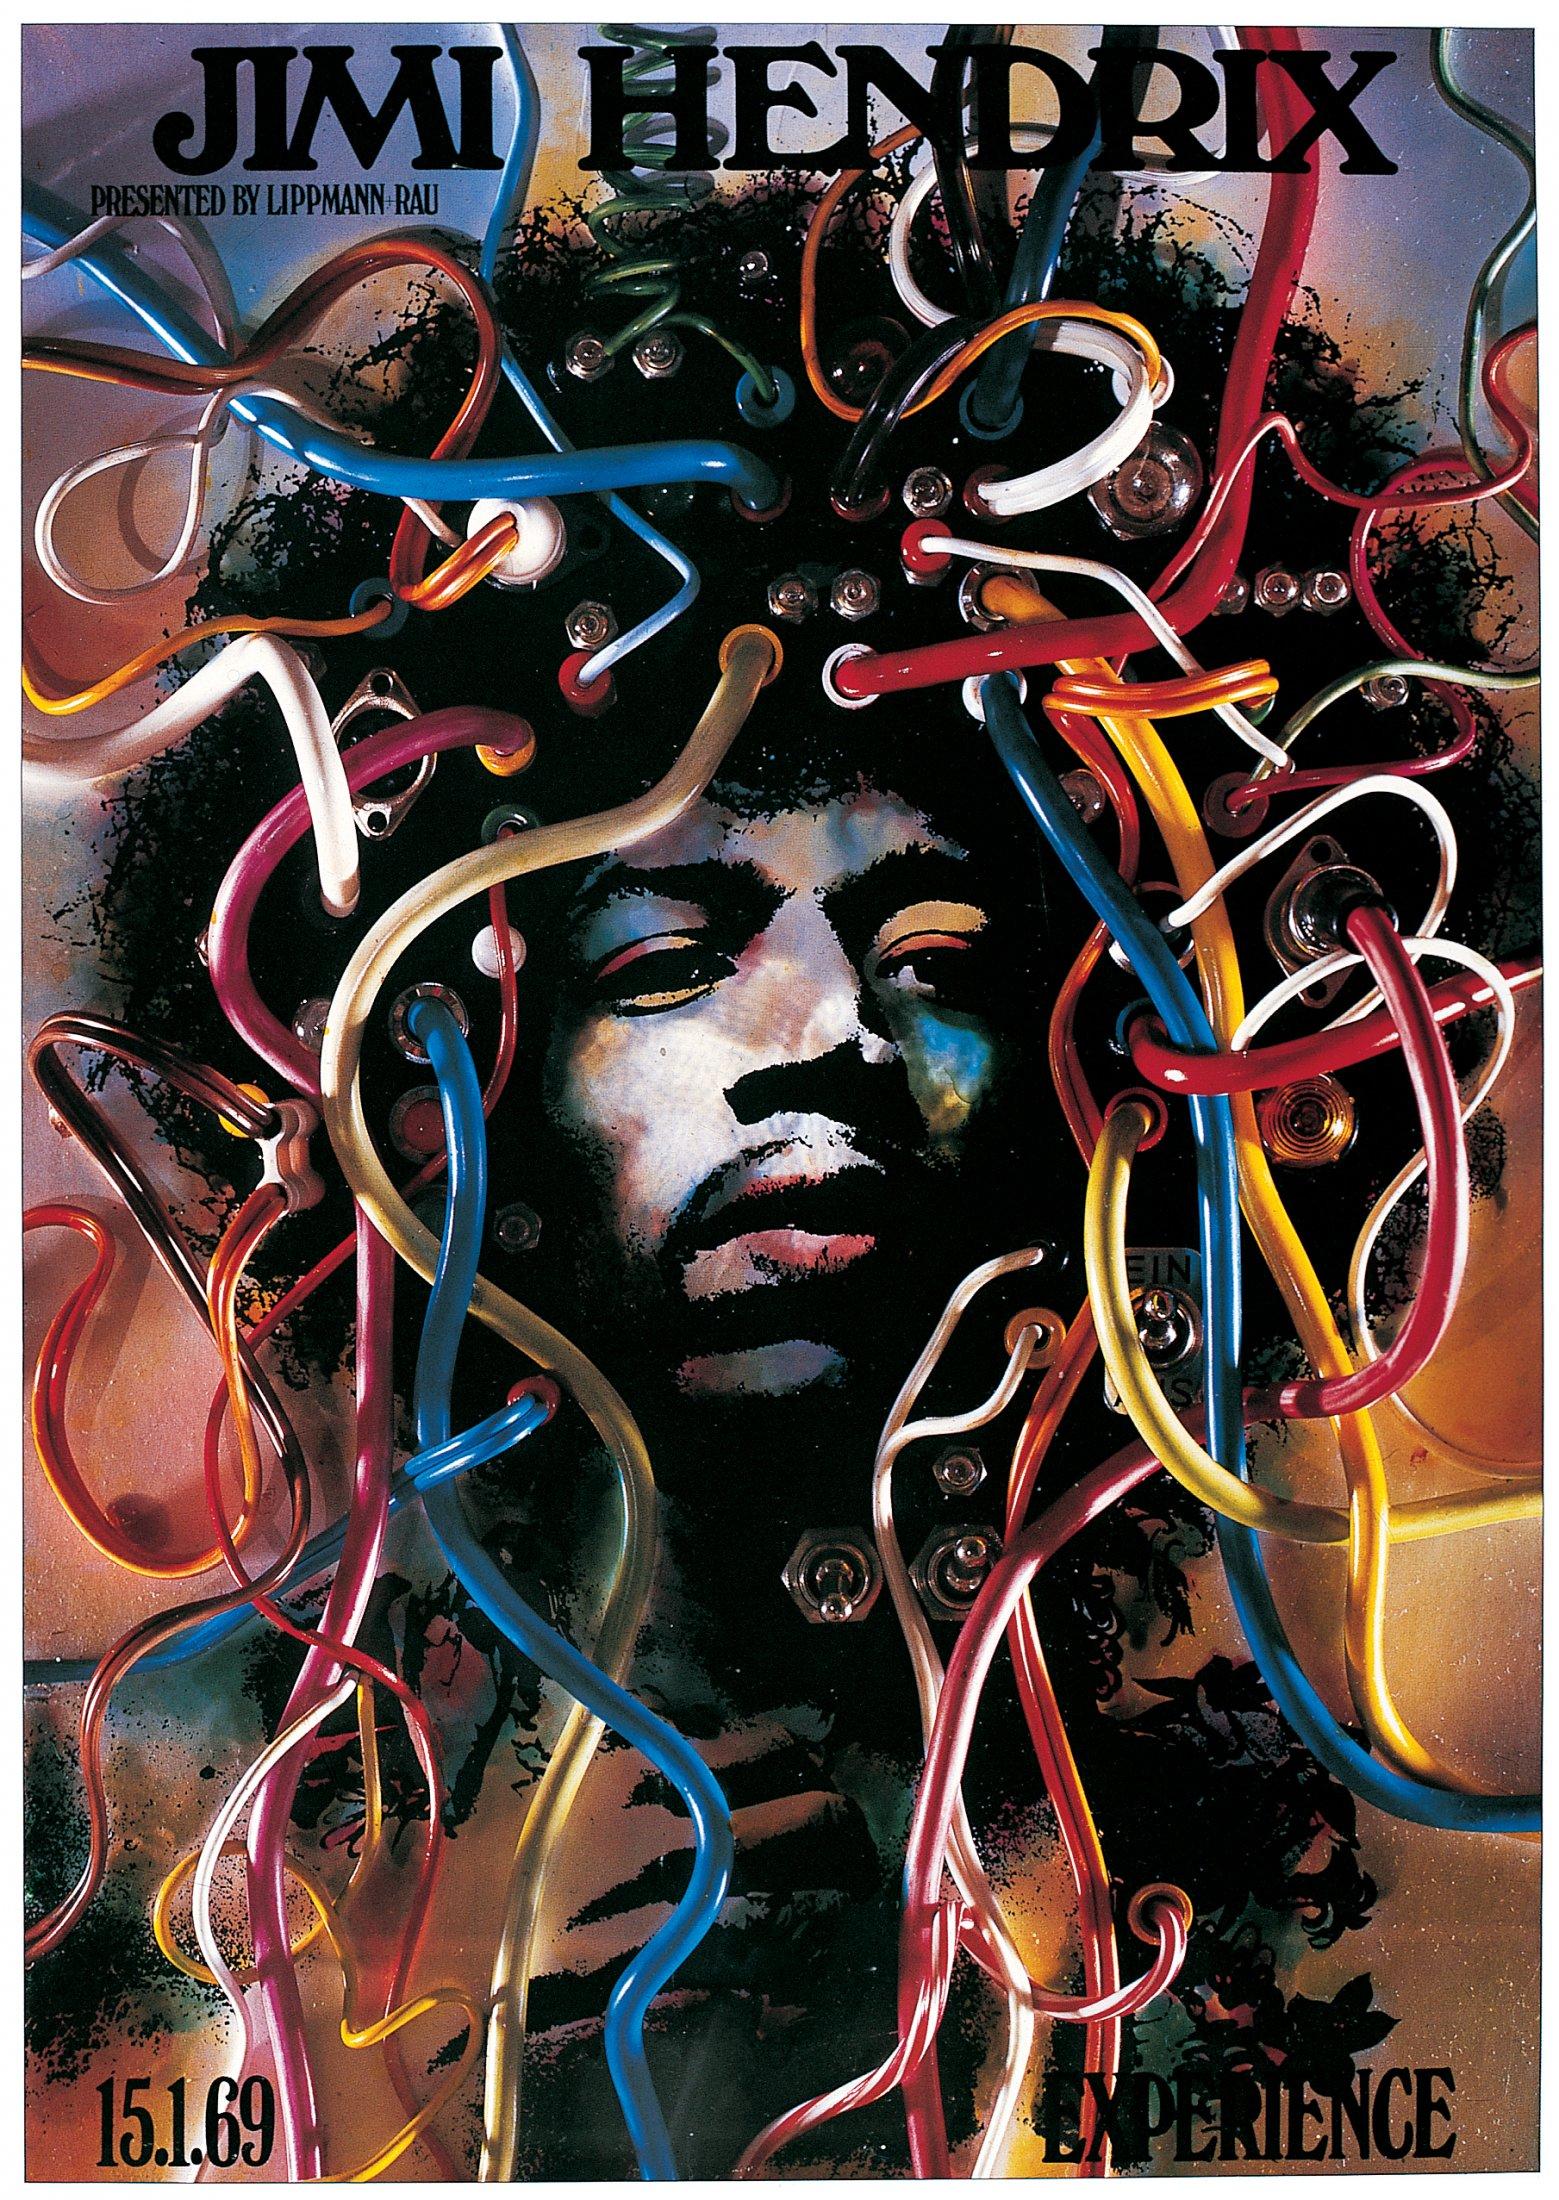 Kieser, Jimi Hendrix